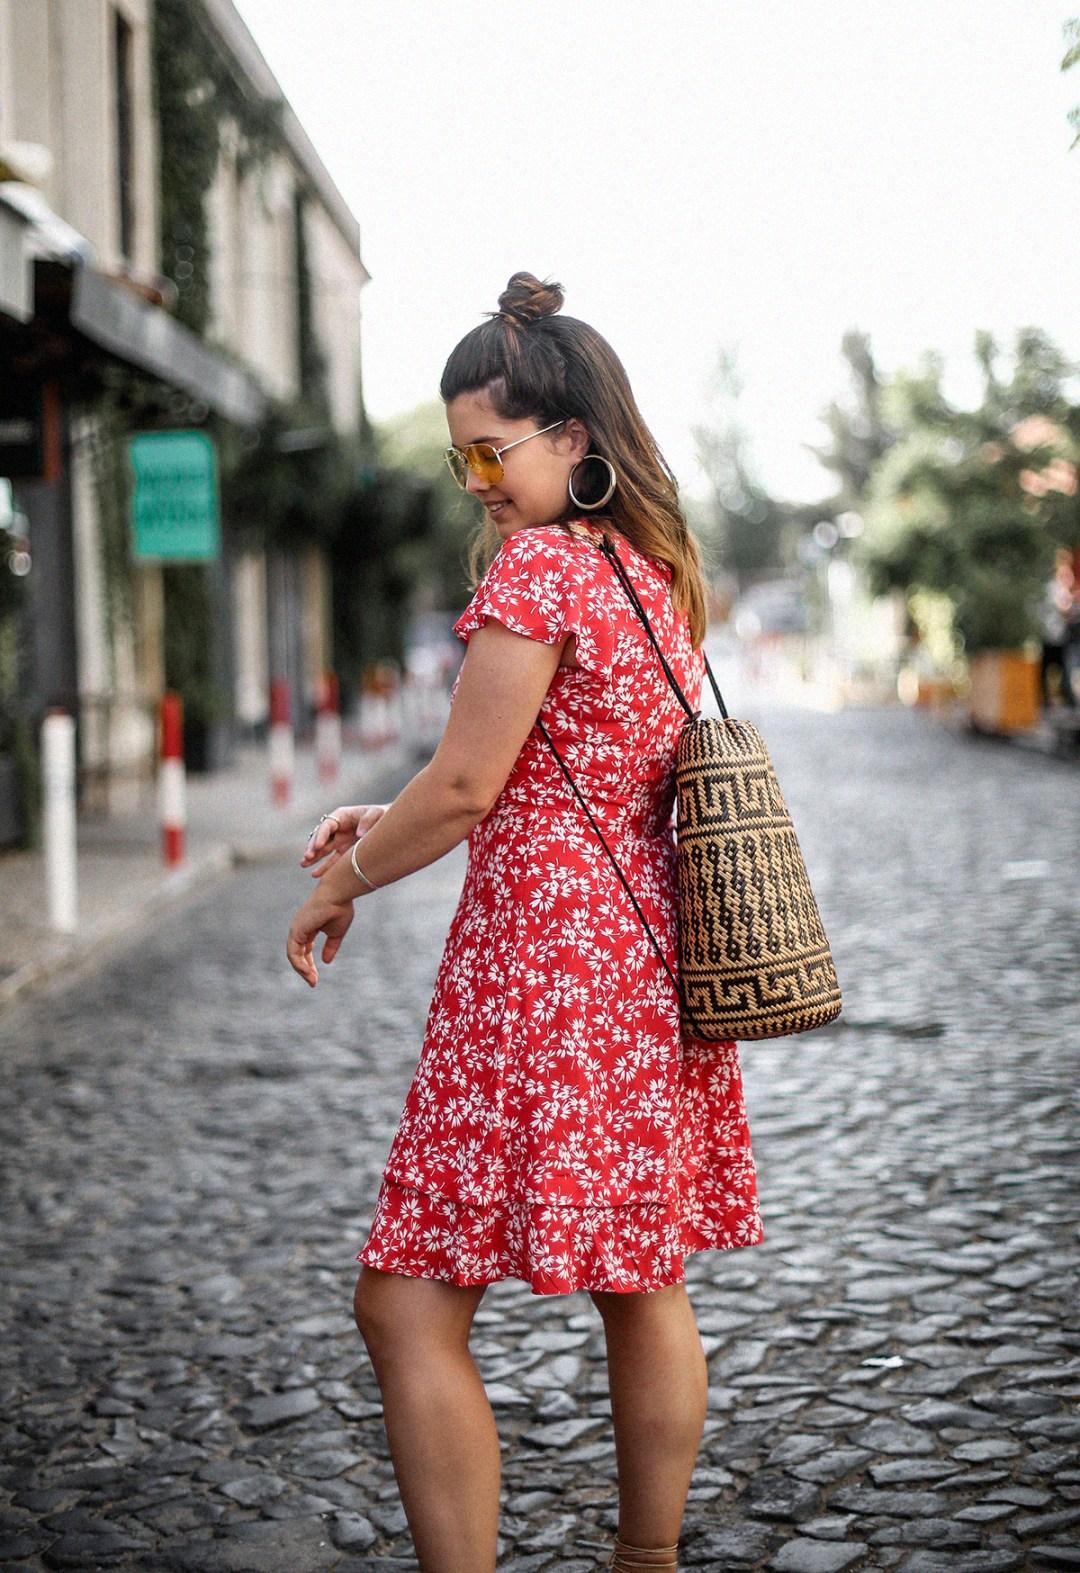 vestido-rojo-volantes-sandalias-lazos-mochila-ratan-travel-lx-factory-lisbon8